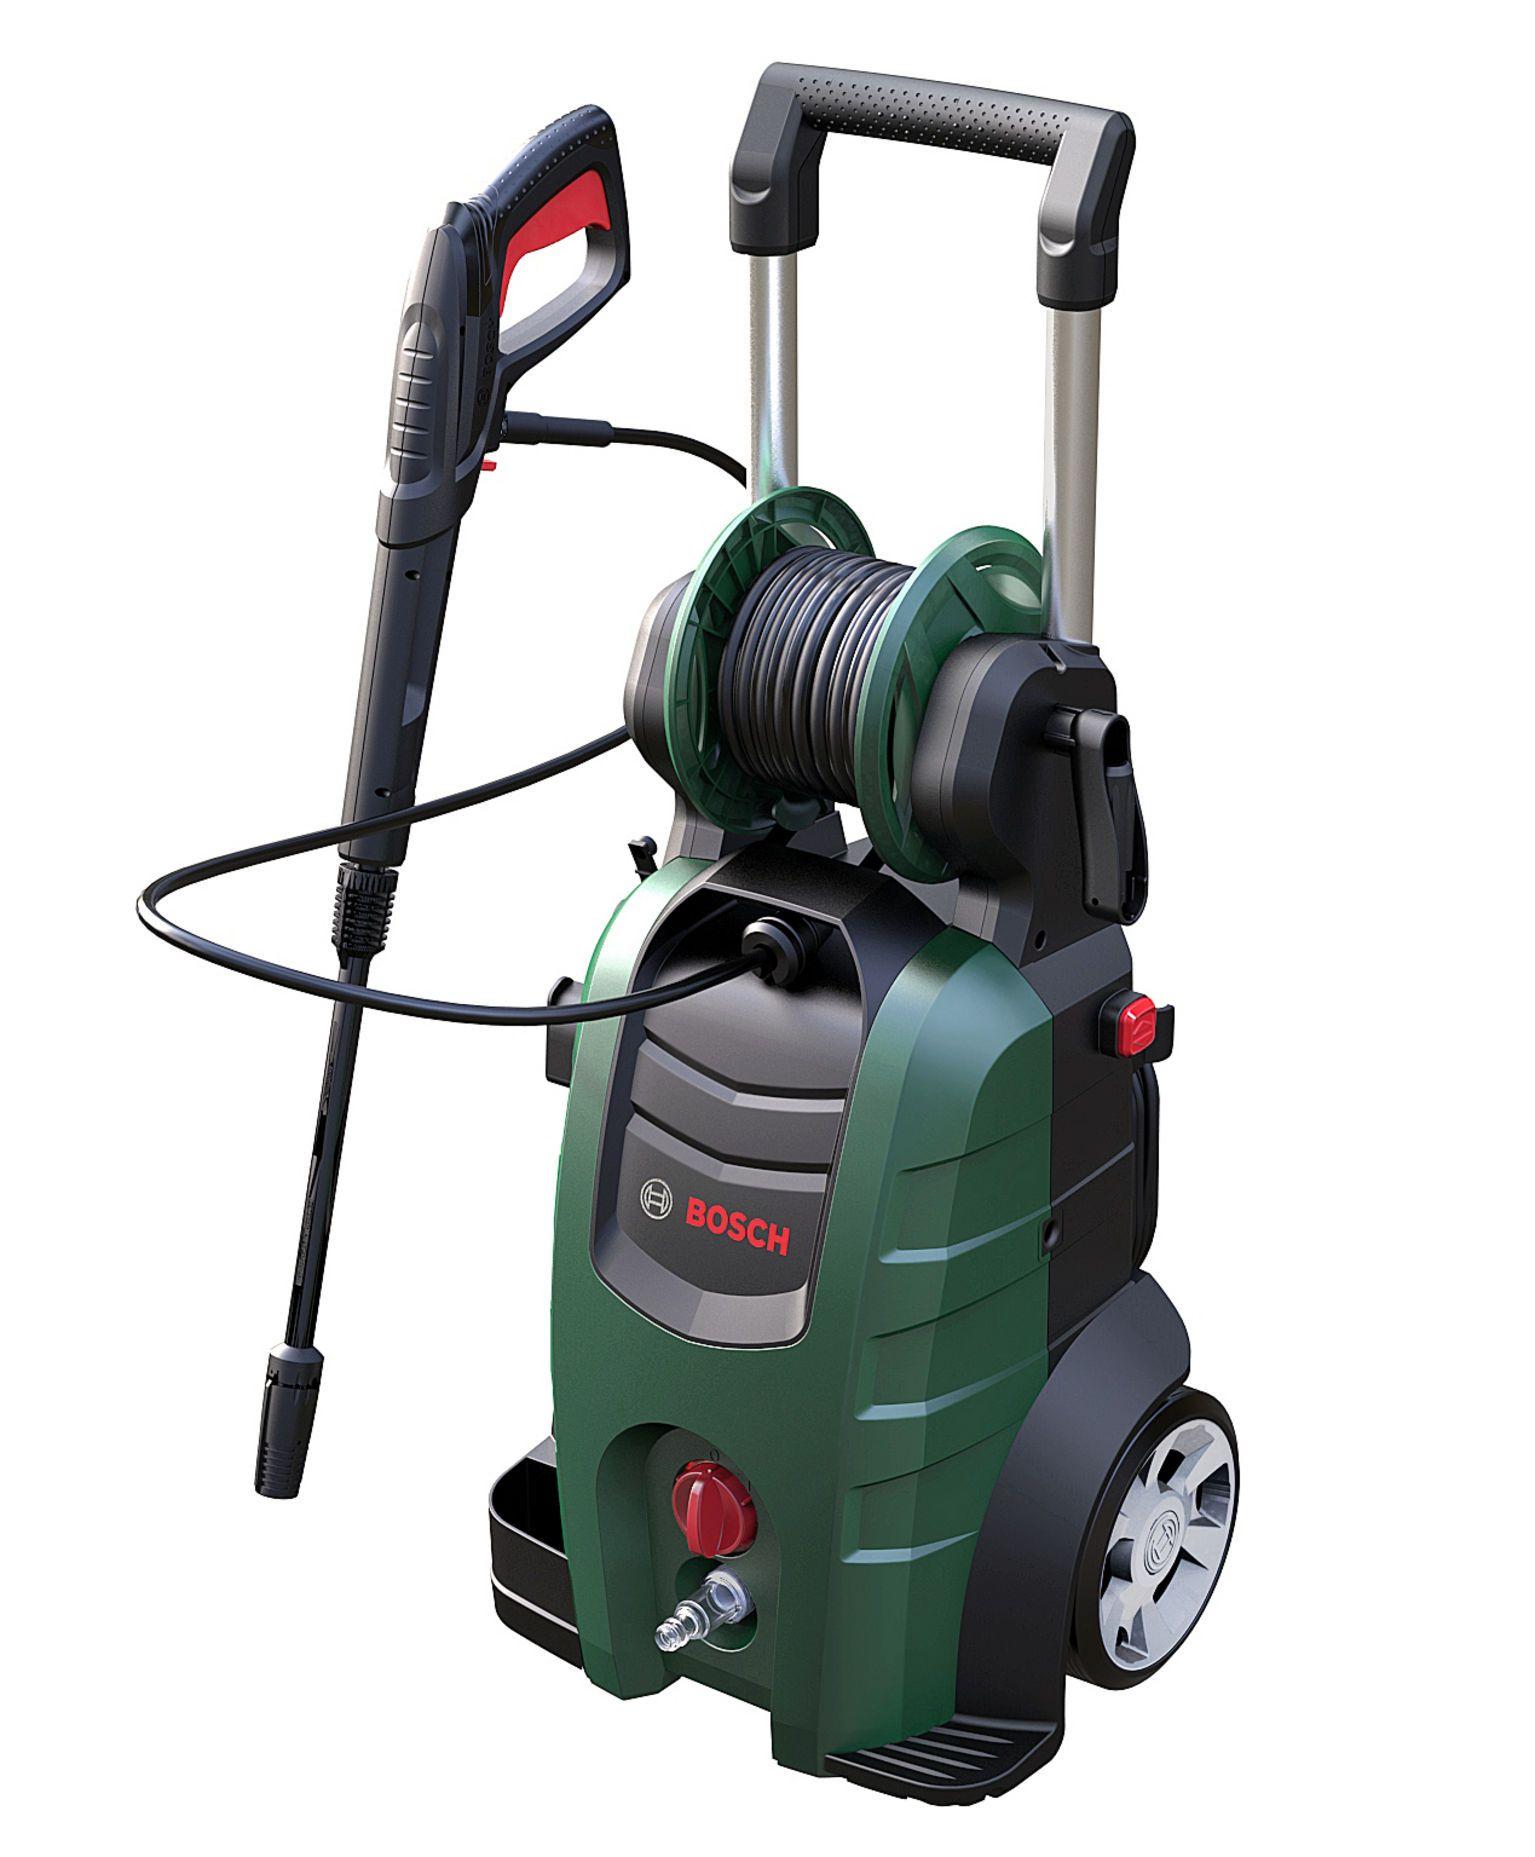 Bosch Aqt42 13 Aqt45 14x High Pressure Washer Beitragsdetails If Online Exhibition Diy Pressure Washing Best Pressure Washer Diy Plumbing